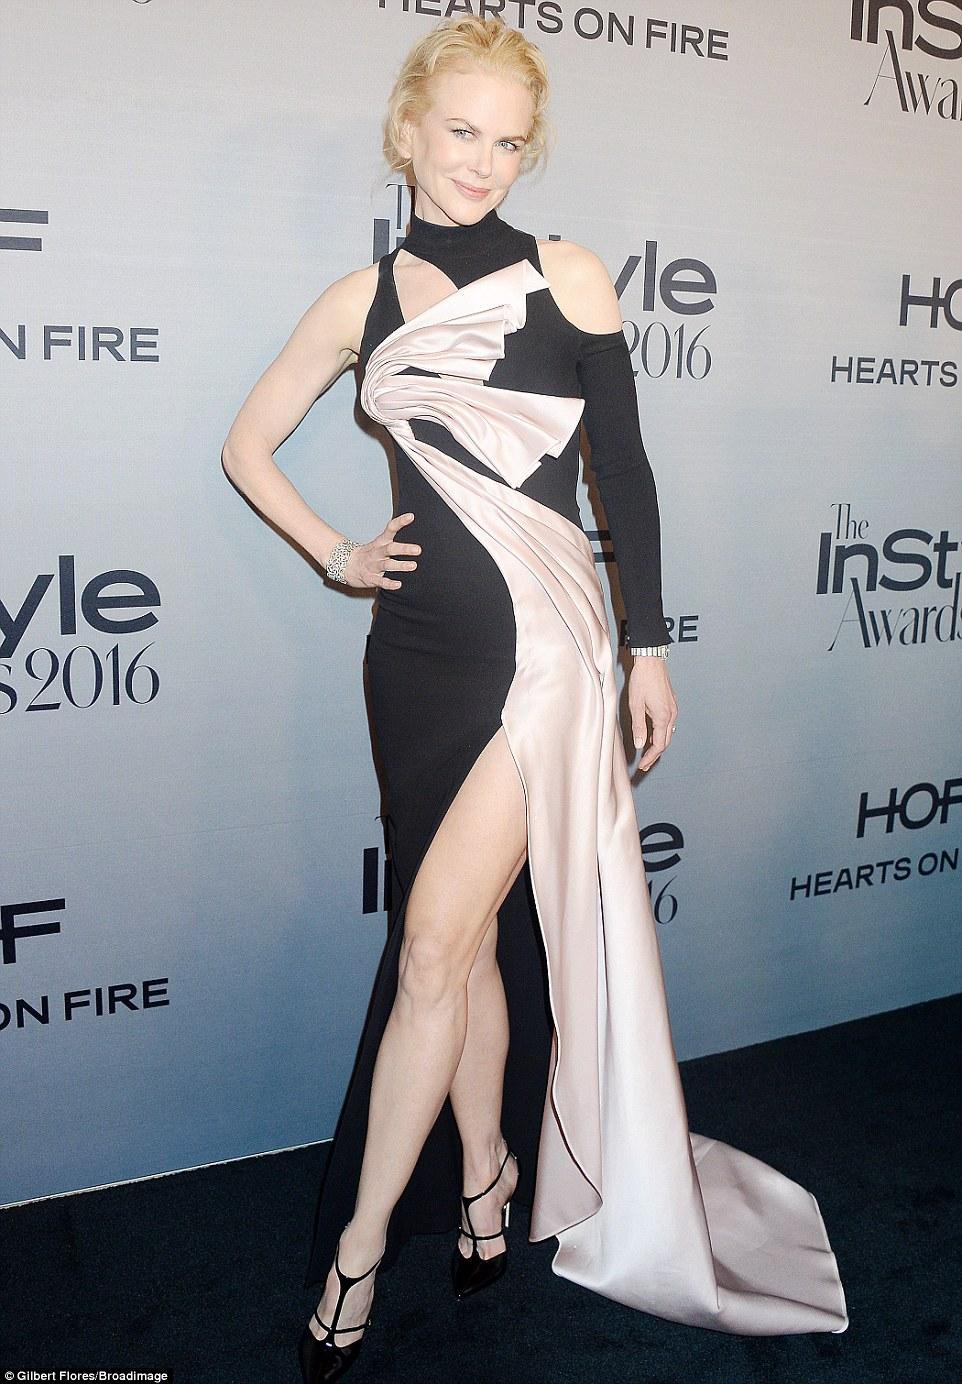 Fazer uma declaração de moda: Nicole Kidman virou cabeças nas concessões InStyle em Los Angeles na segunda-feira